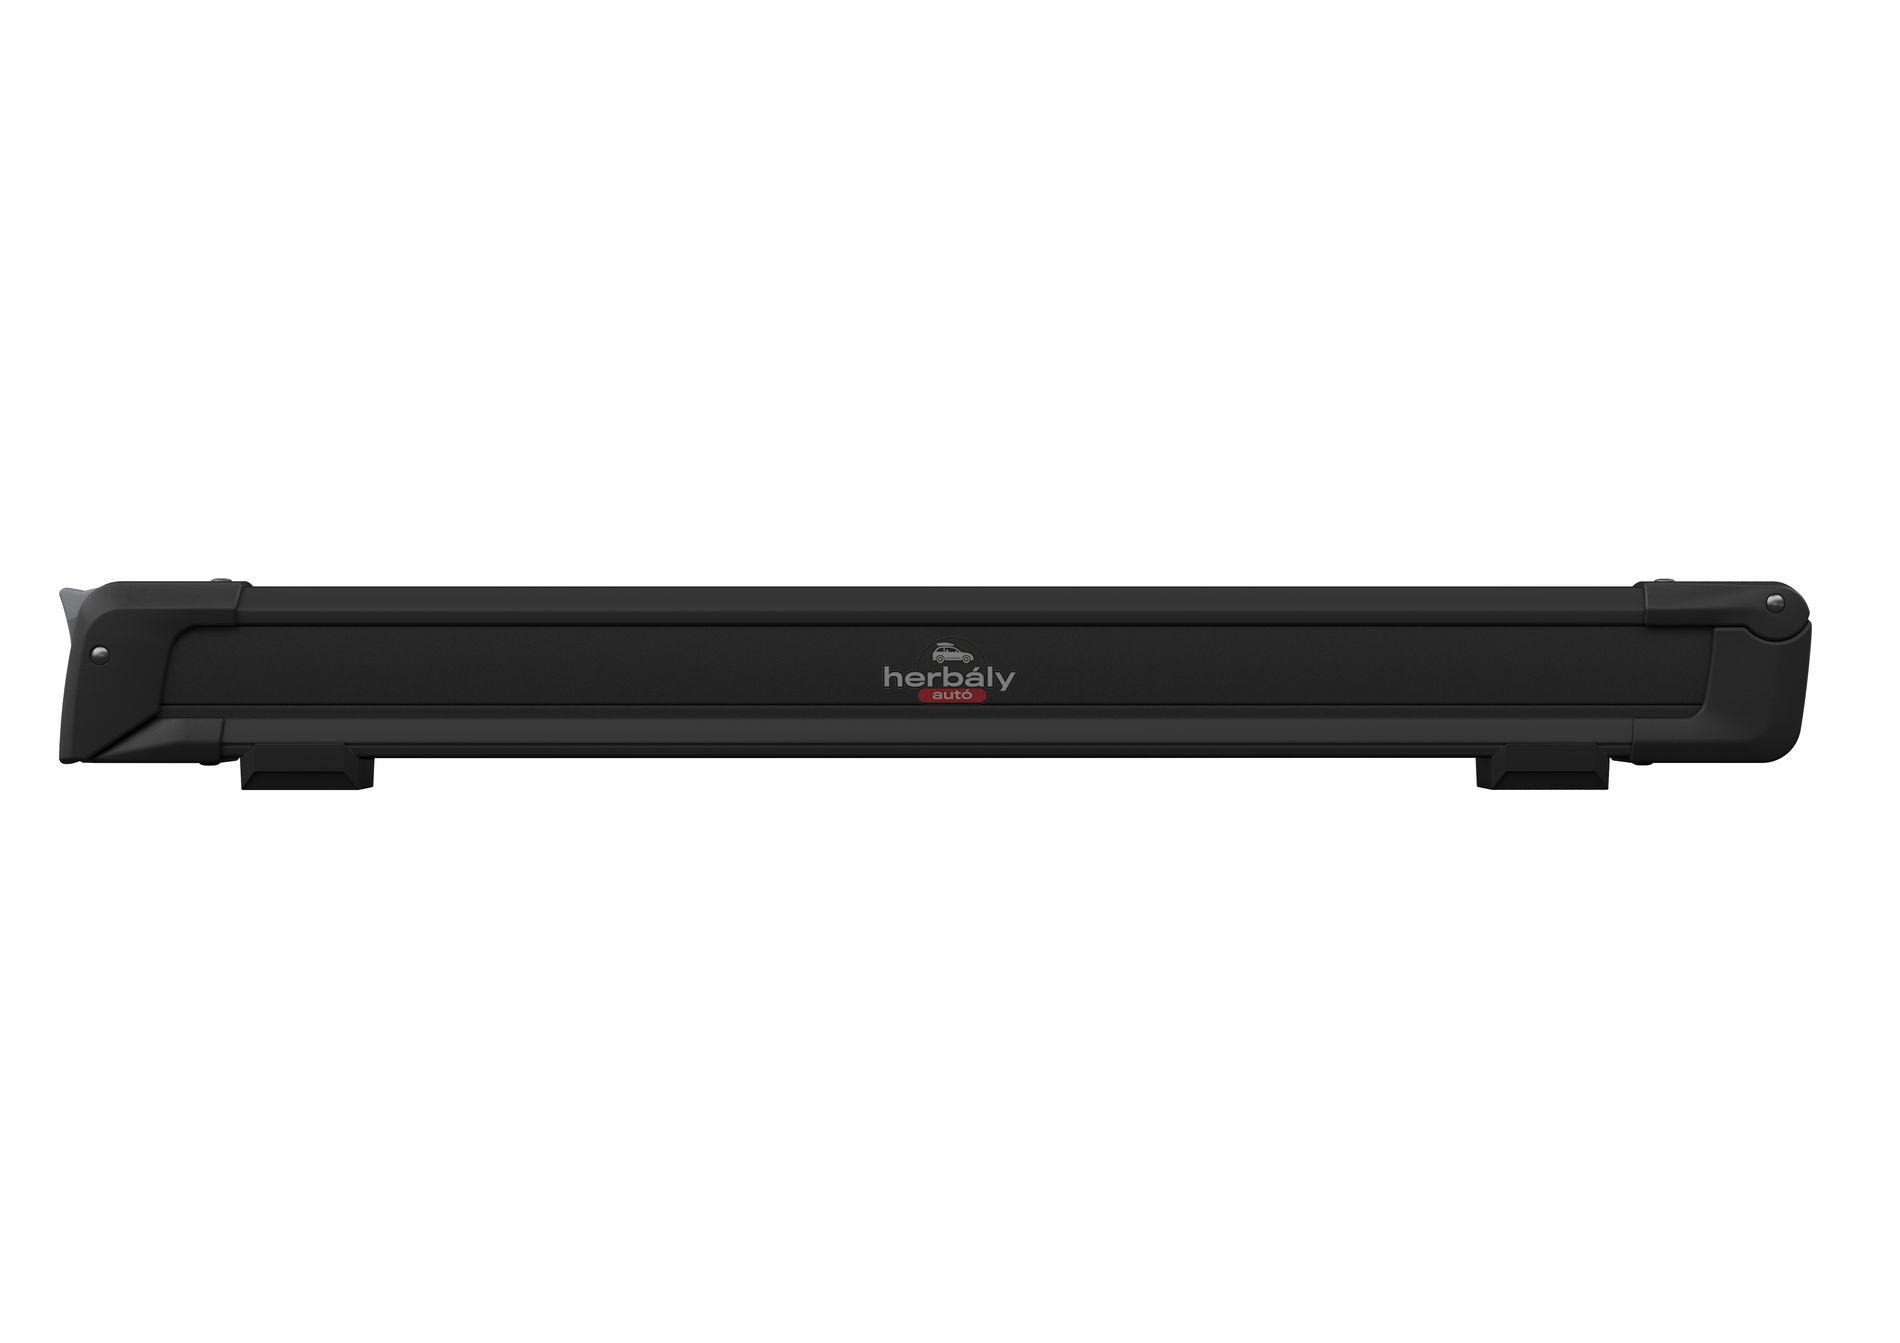 Thule SnowPack 7326B síléctartó, 75 cm, fekete